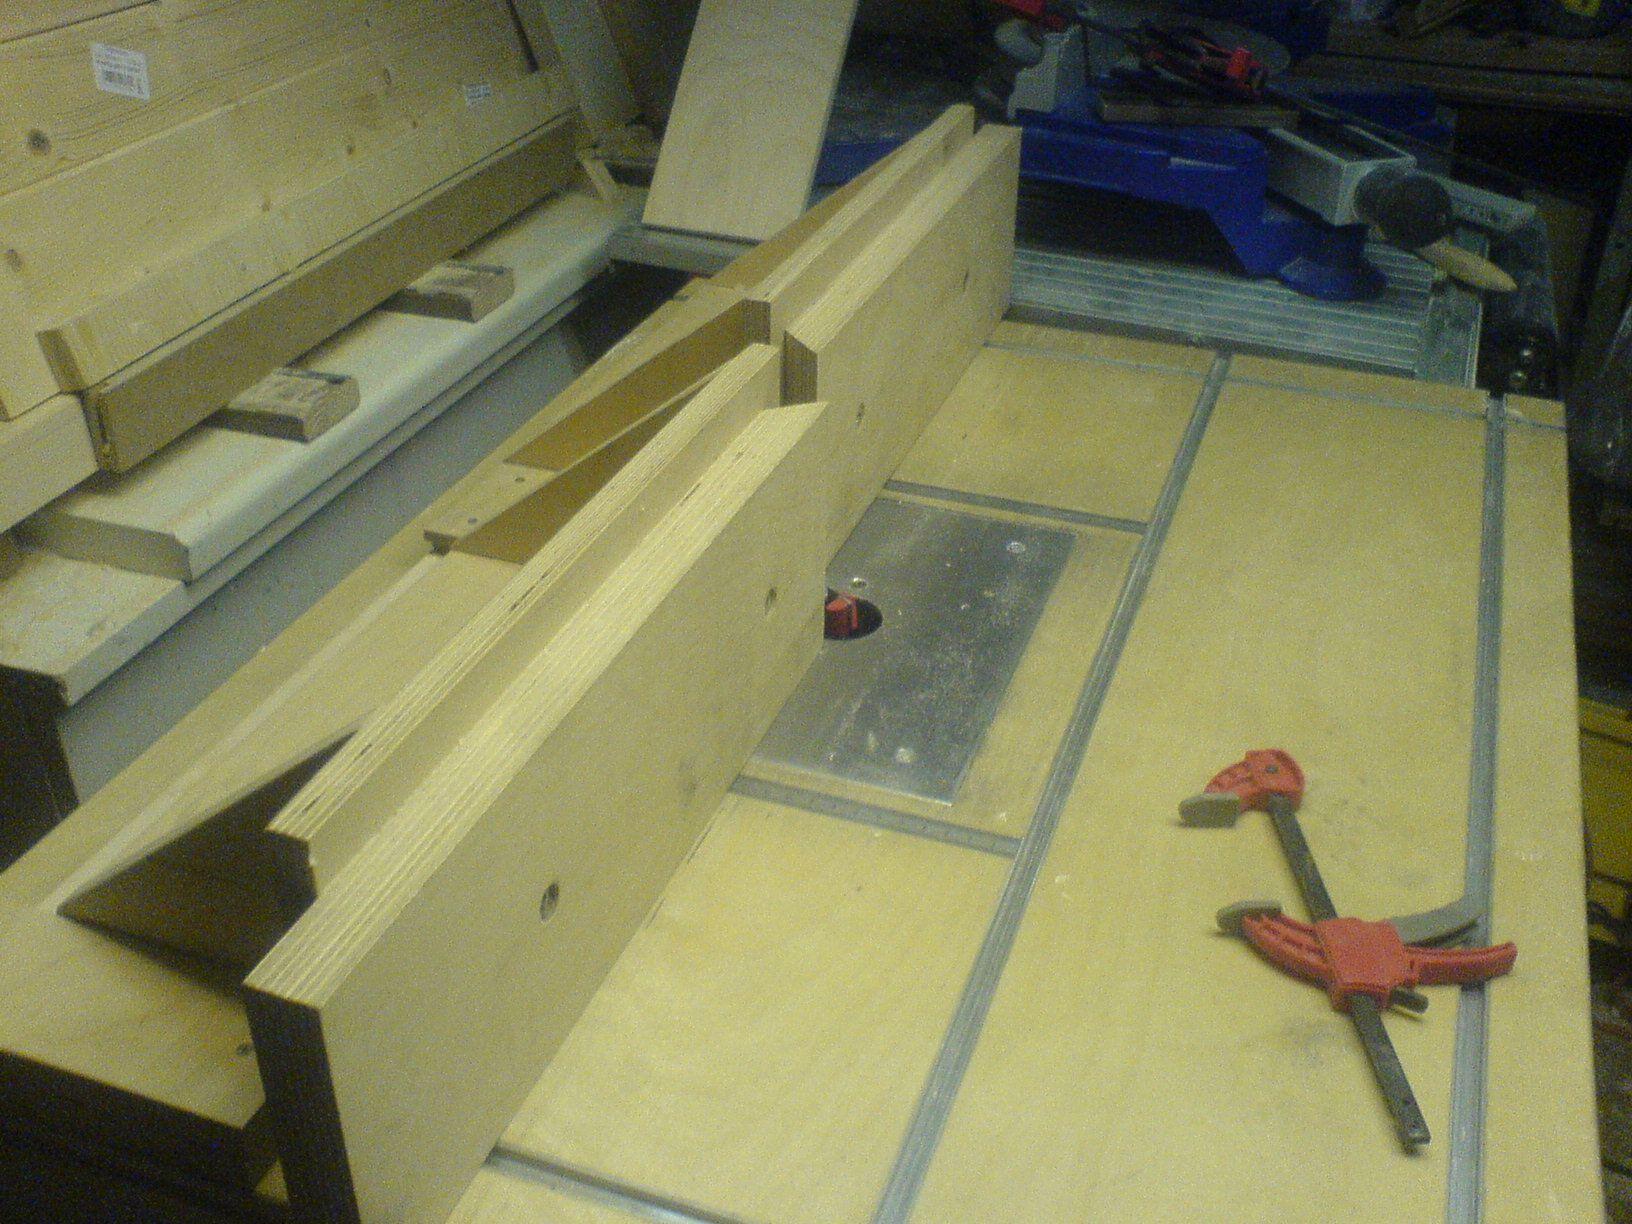 tisch f r die oberfr se bauanleitung zum selber bauen handwerk pinterest oberfr se. Black Bedroom Furniture Sets. Home Design Ideas